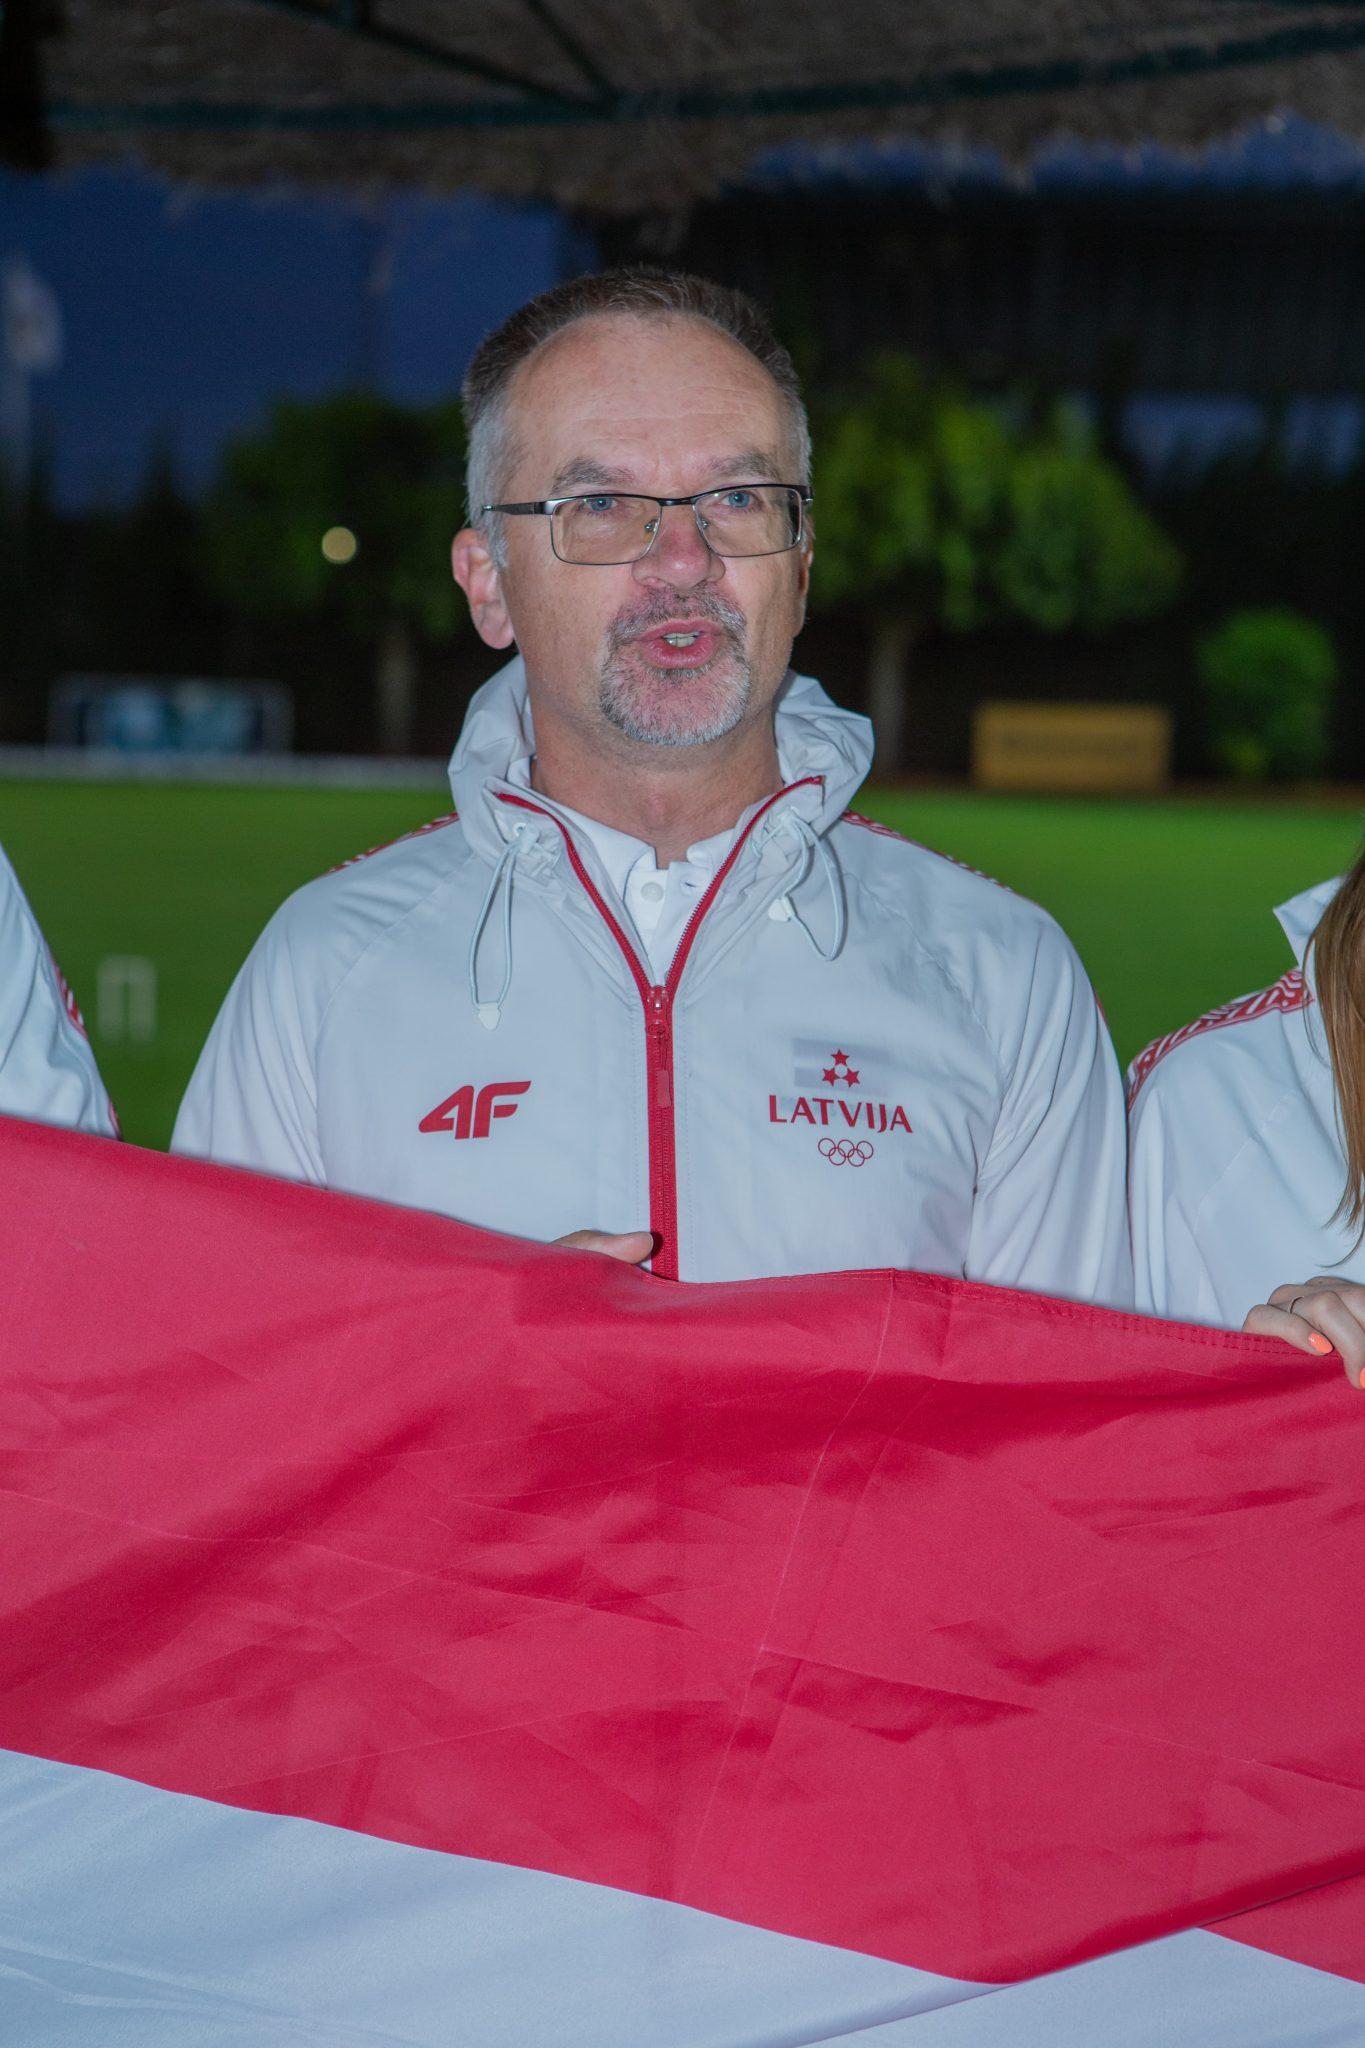 III Campeonato del Mundo de Croquet por Países - Real Novo Sancti Petri 99